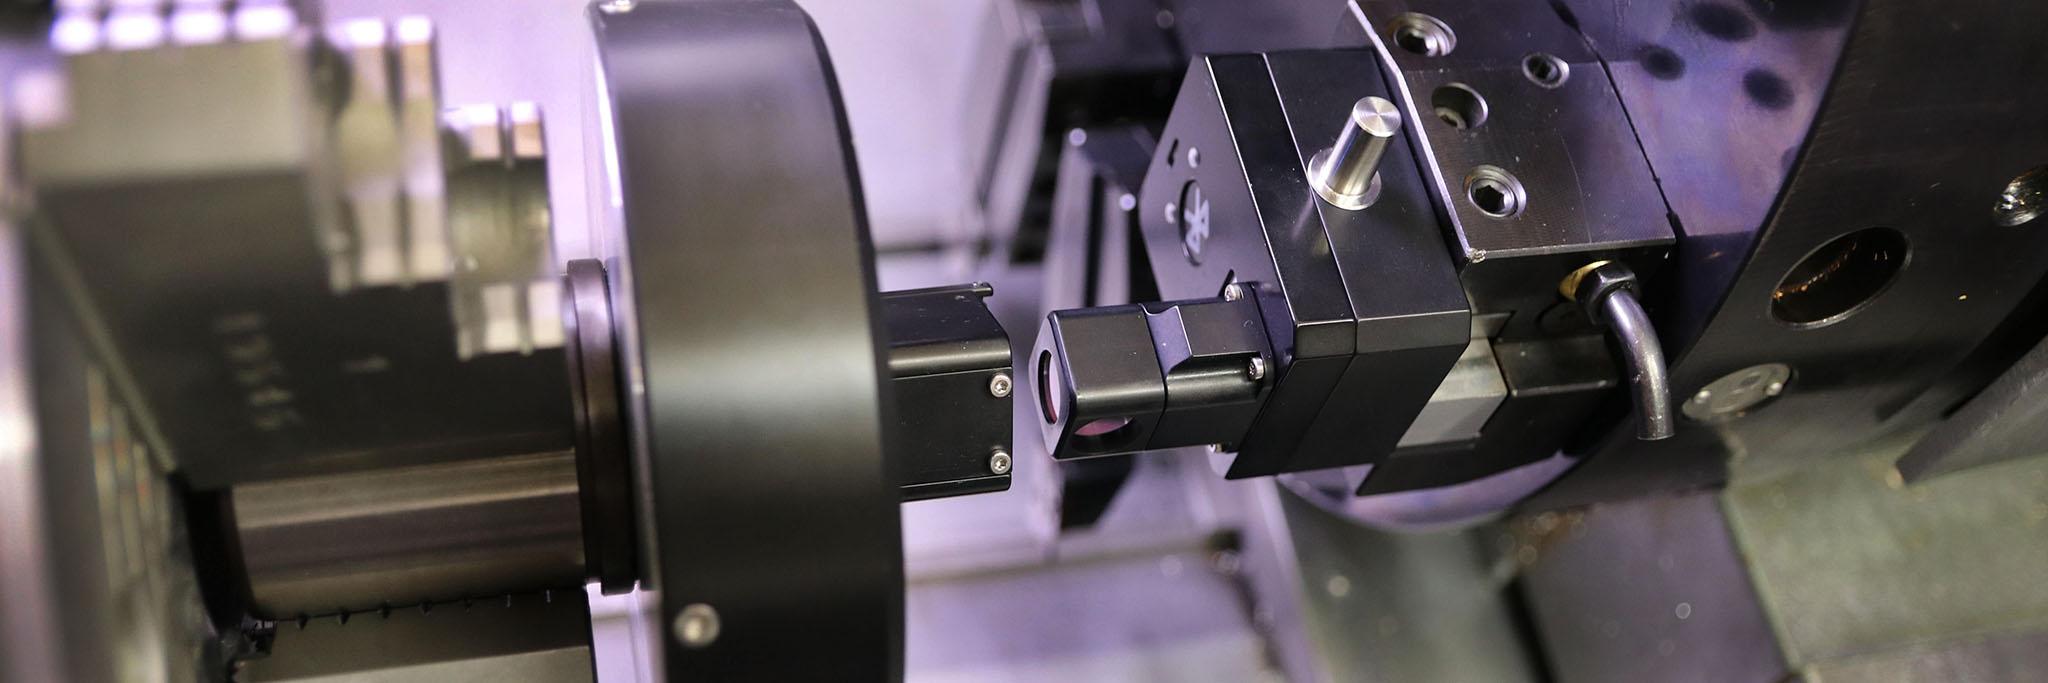 LMS-5 Lathe Measurement System